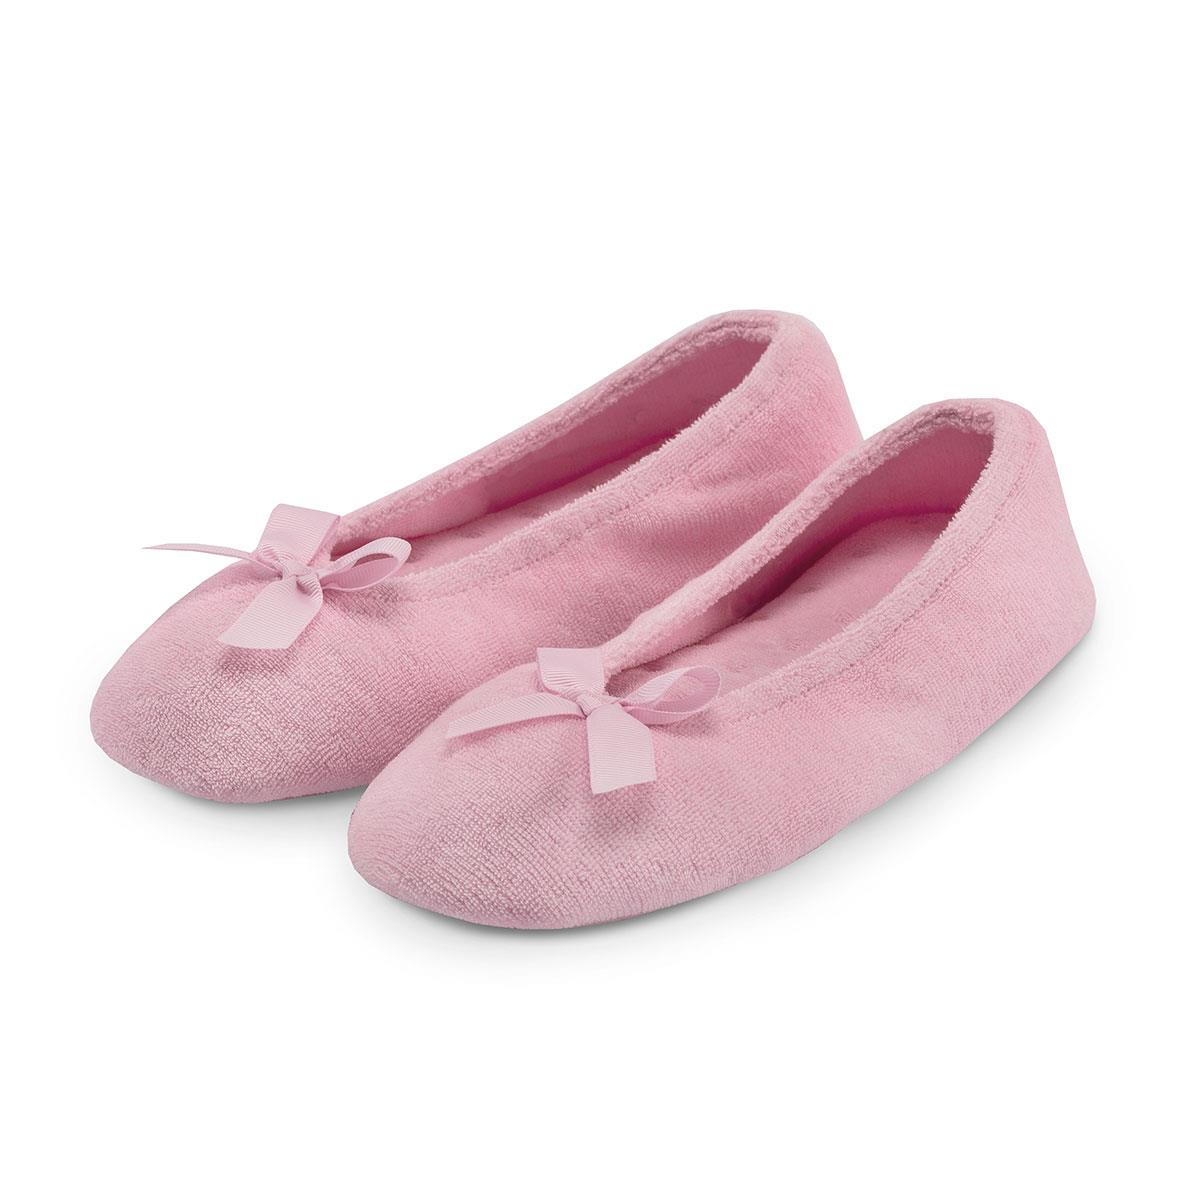 Isotoner Shoes Uk